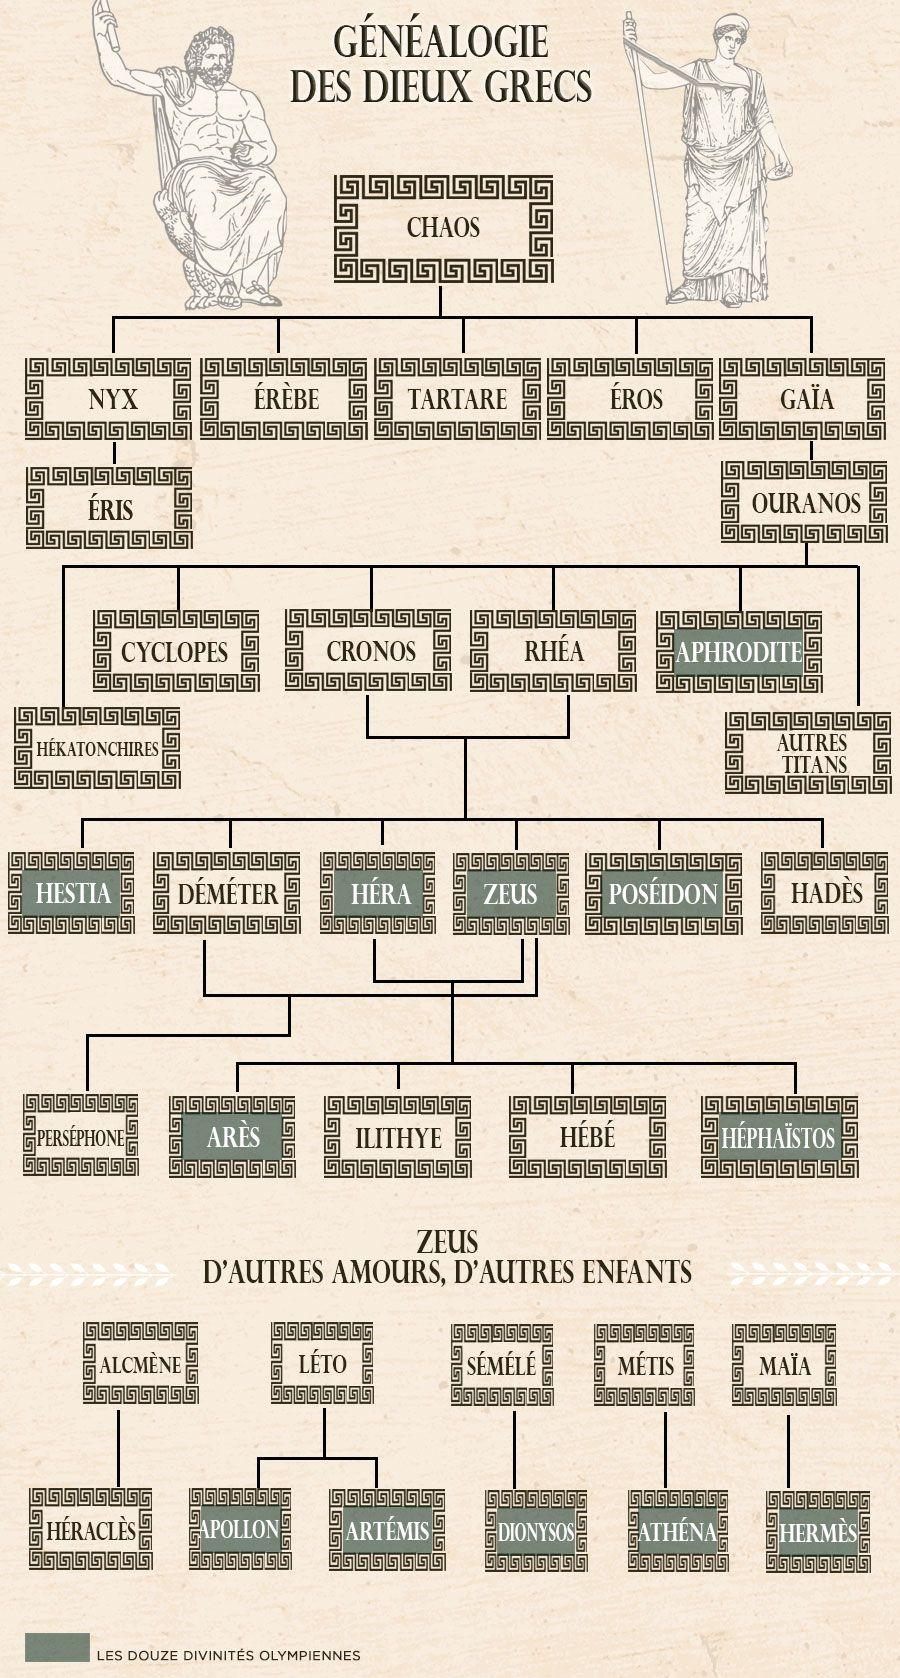 Top Généalogie des dieux grecs … | Pinteres… DP45